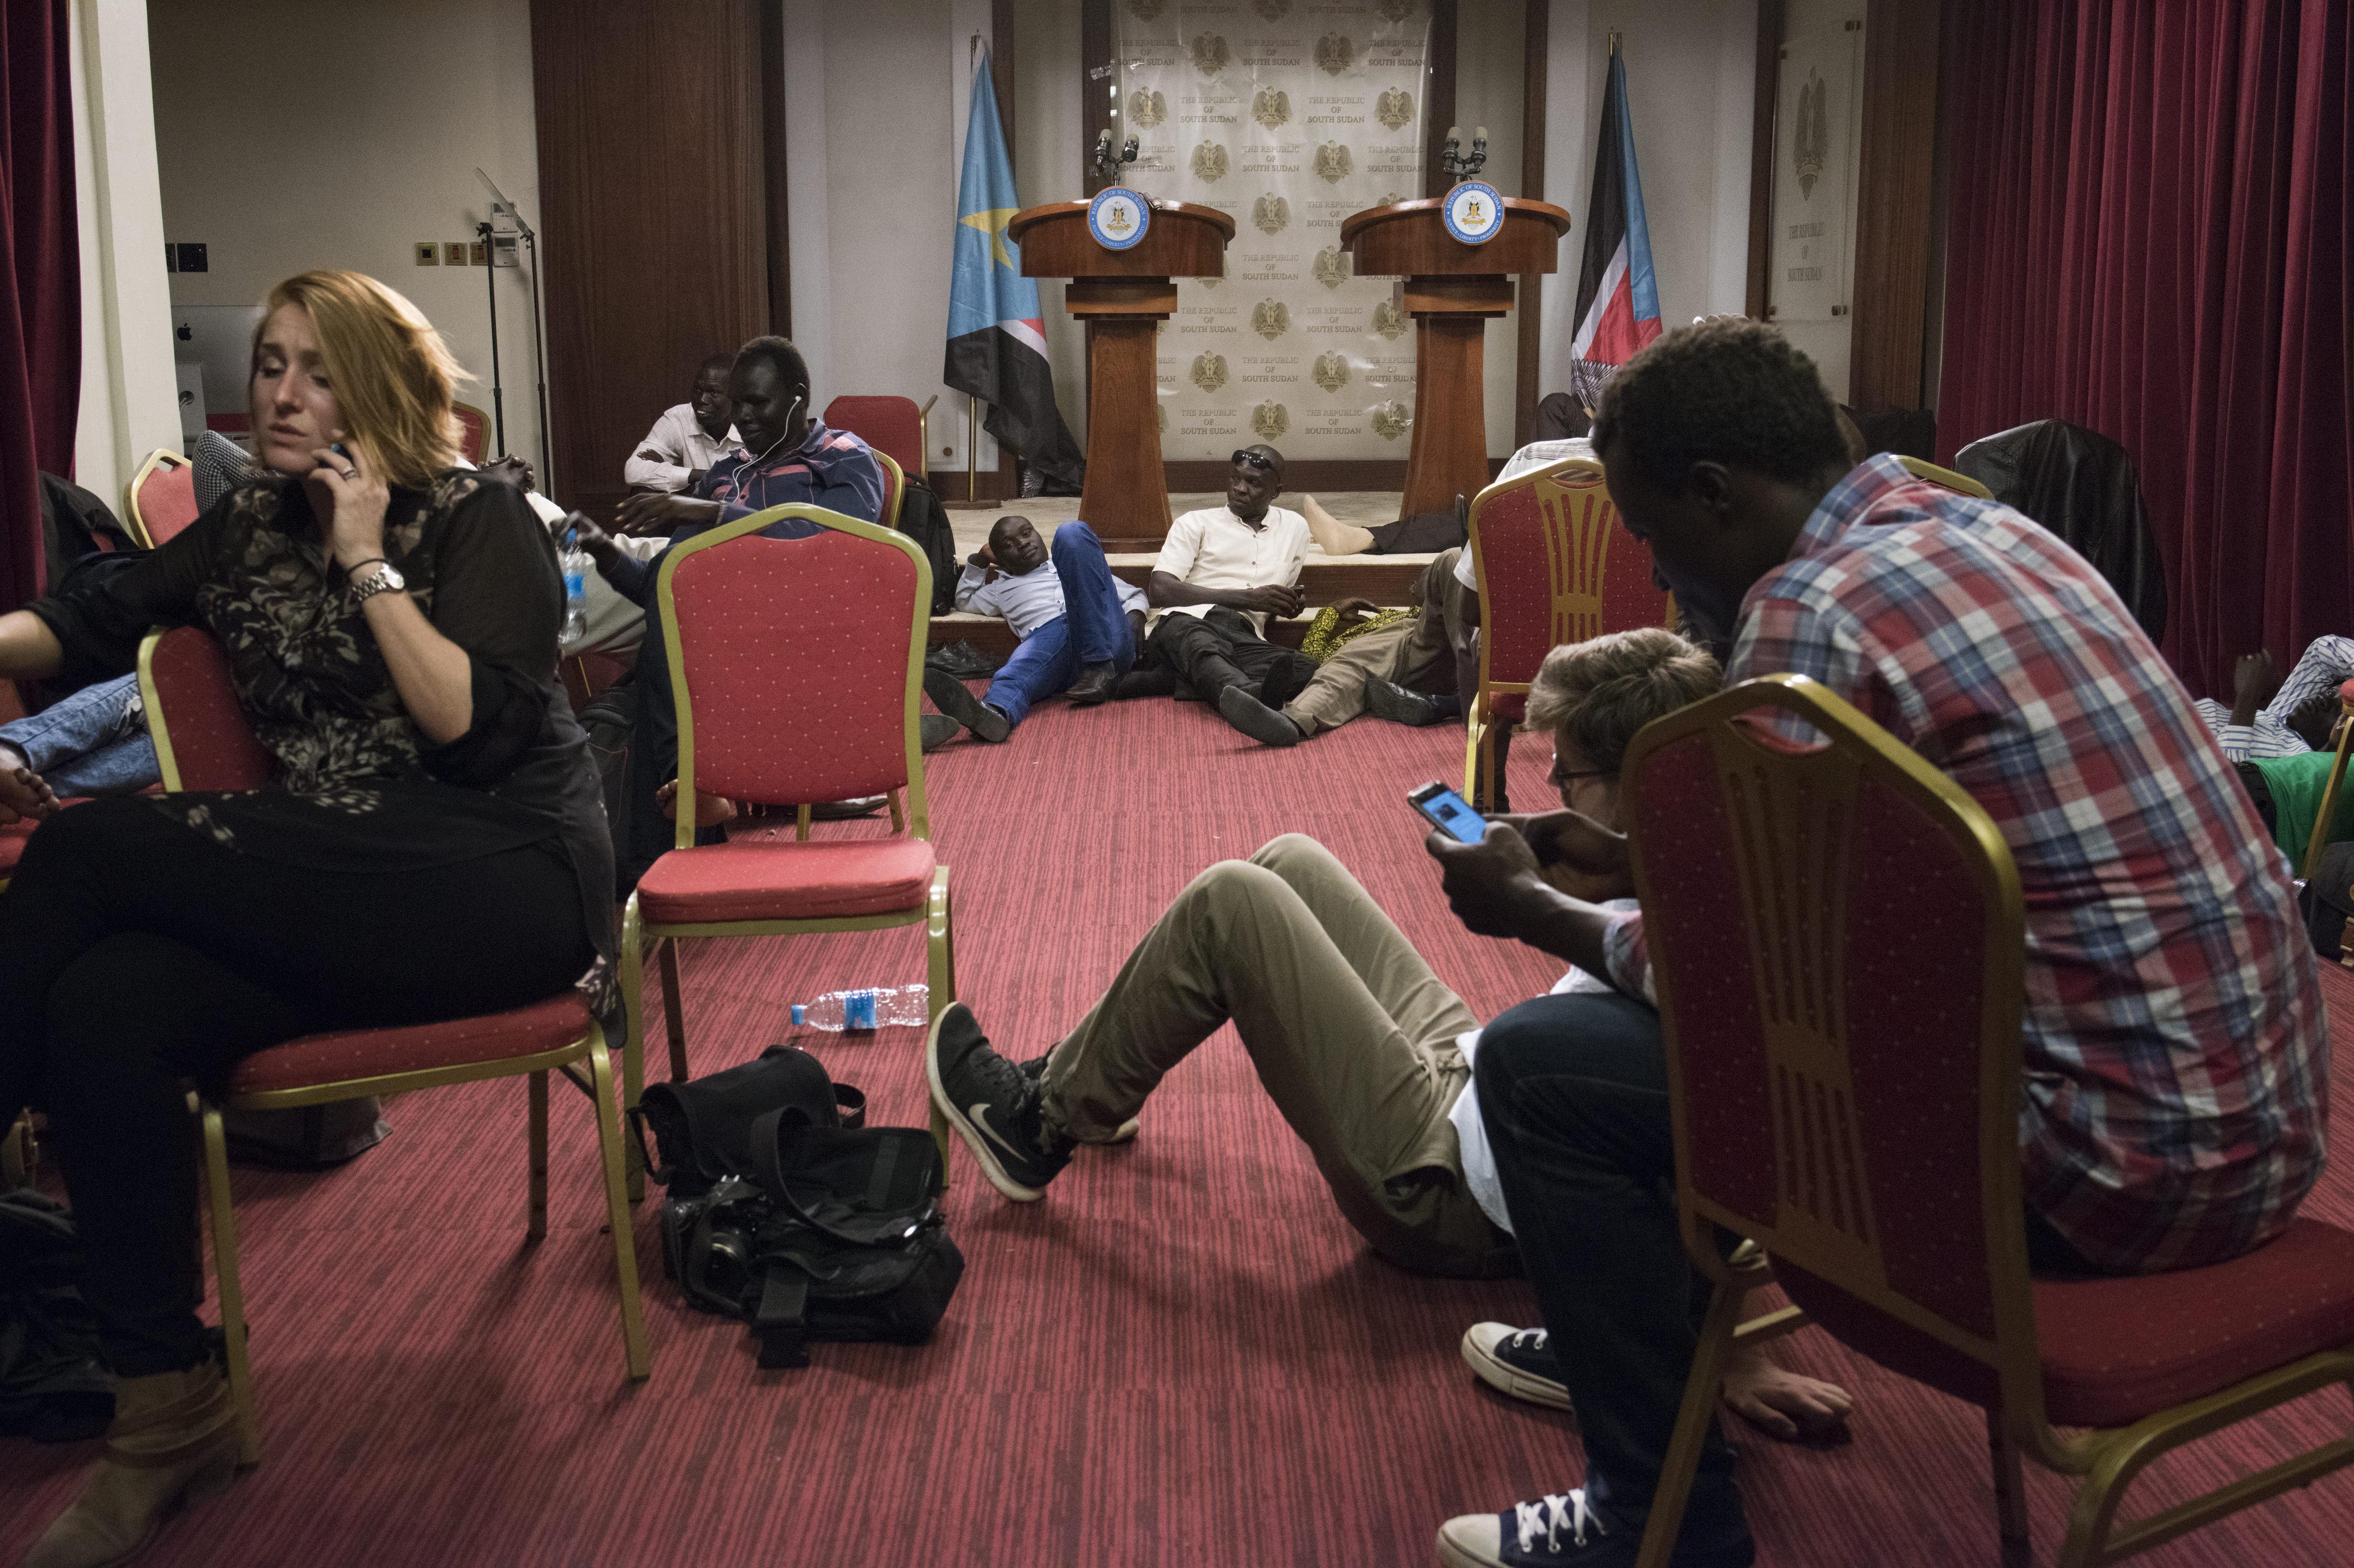 Periodistas en la sala de conferencias durante los enfentamientos al lado del palacio presidencial en Yuba, Sudán del Sur